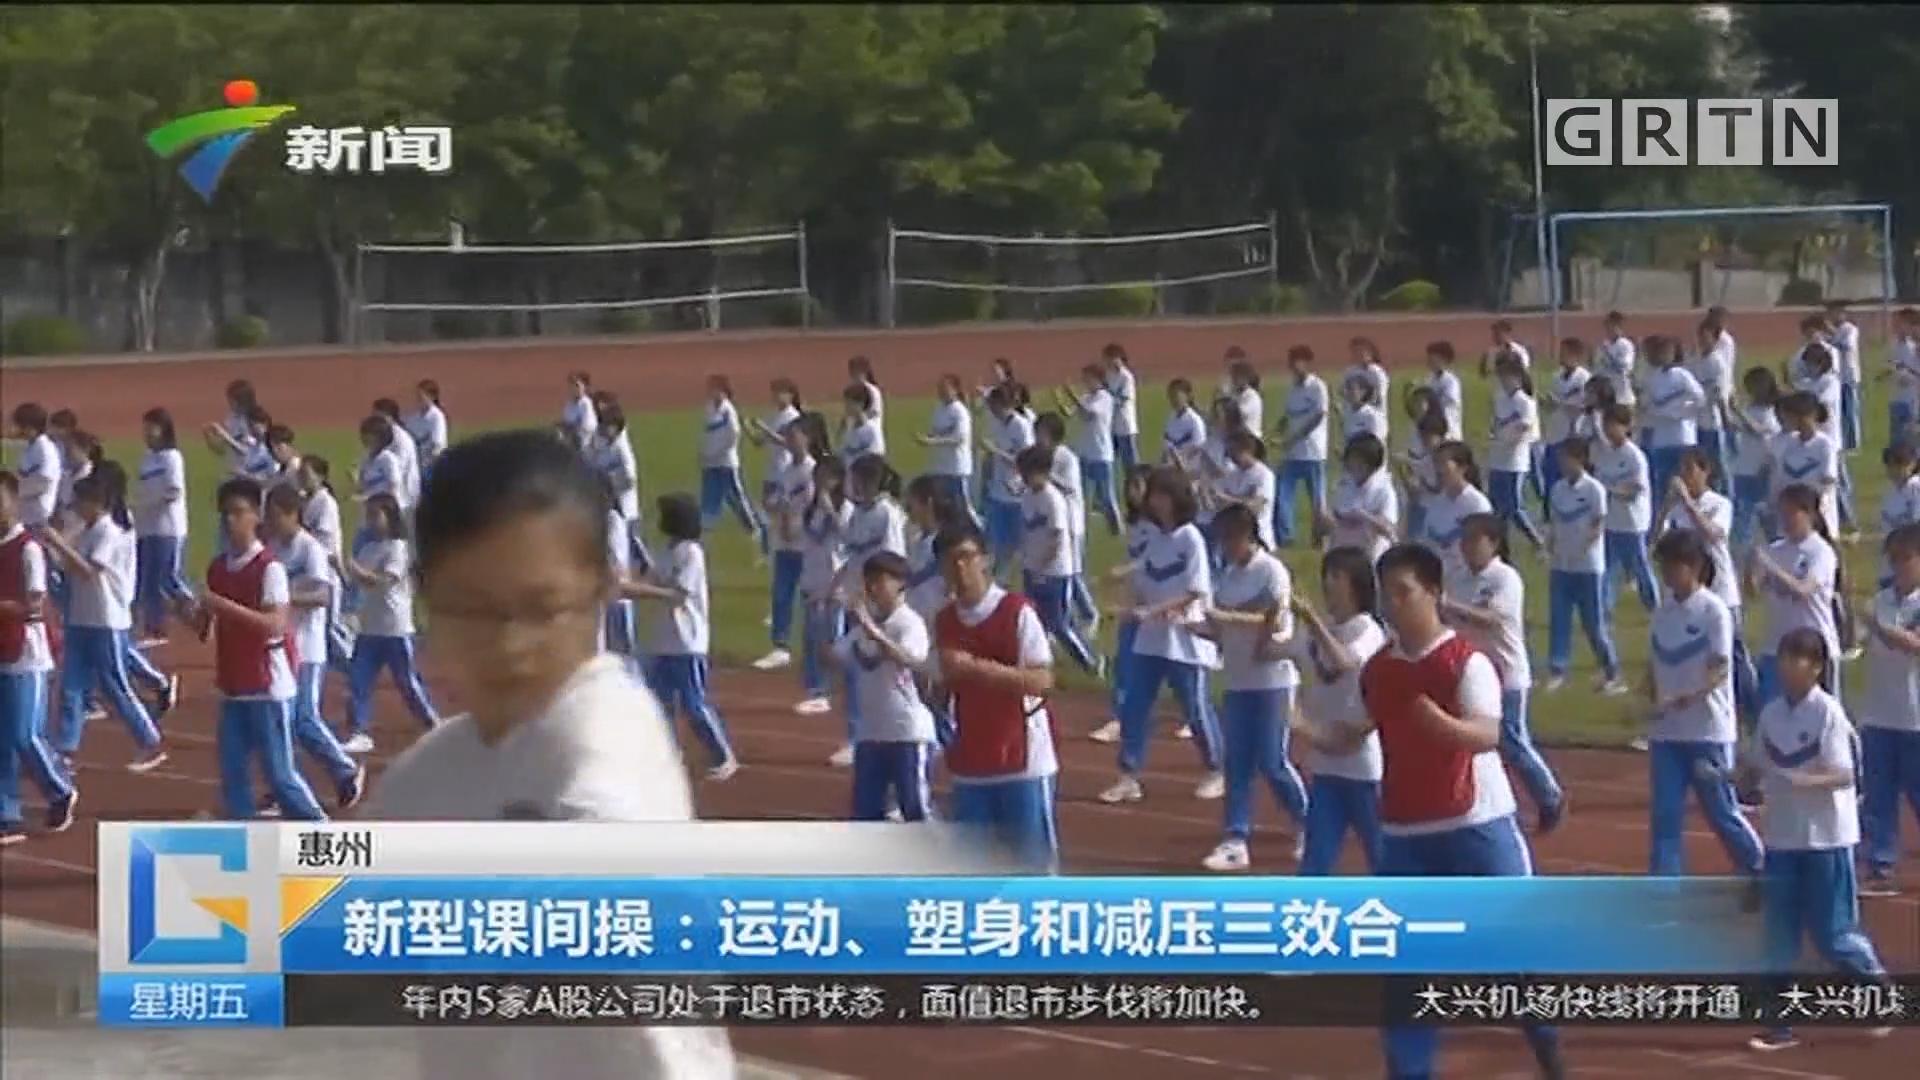 惠州 新型课间操:运动、塑身和减压三效合一